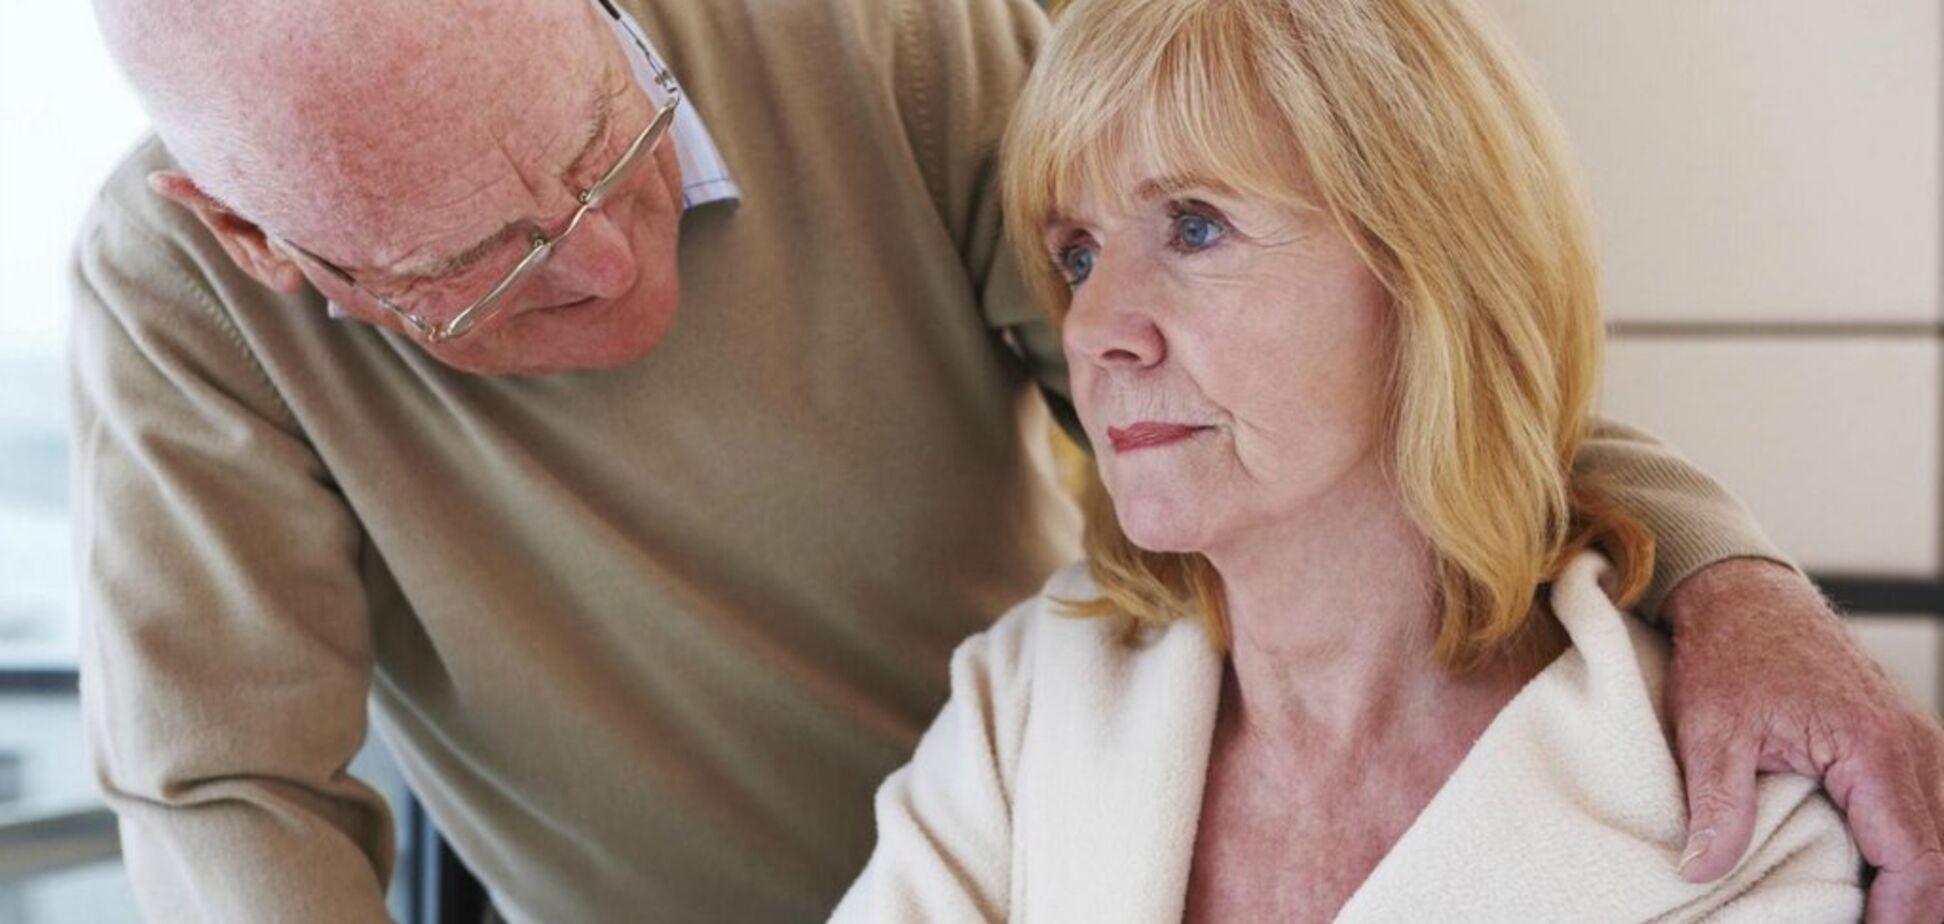 Альцгеймерчаще поражает женщин: почему